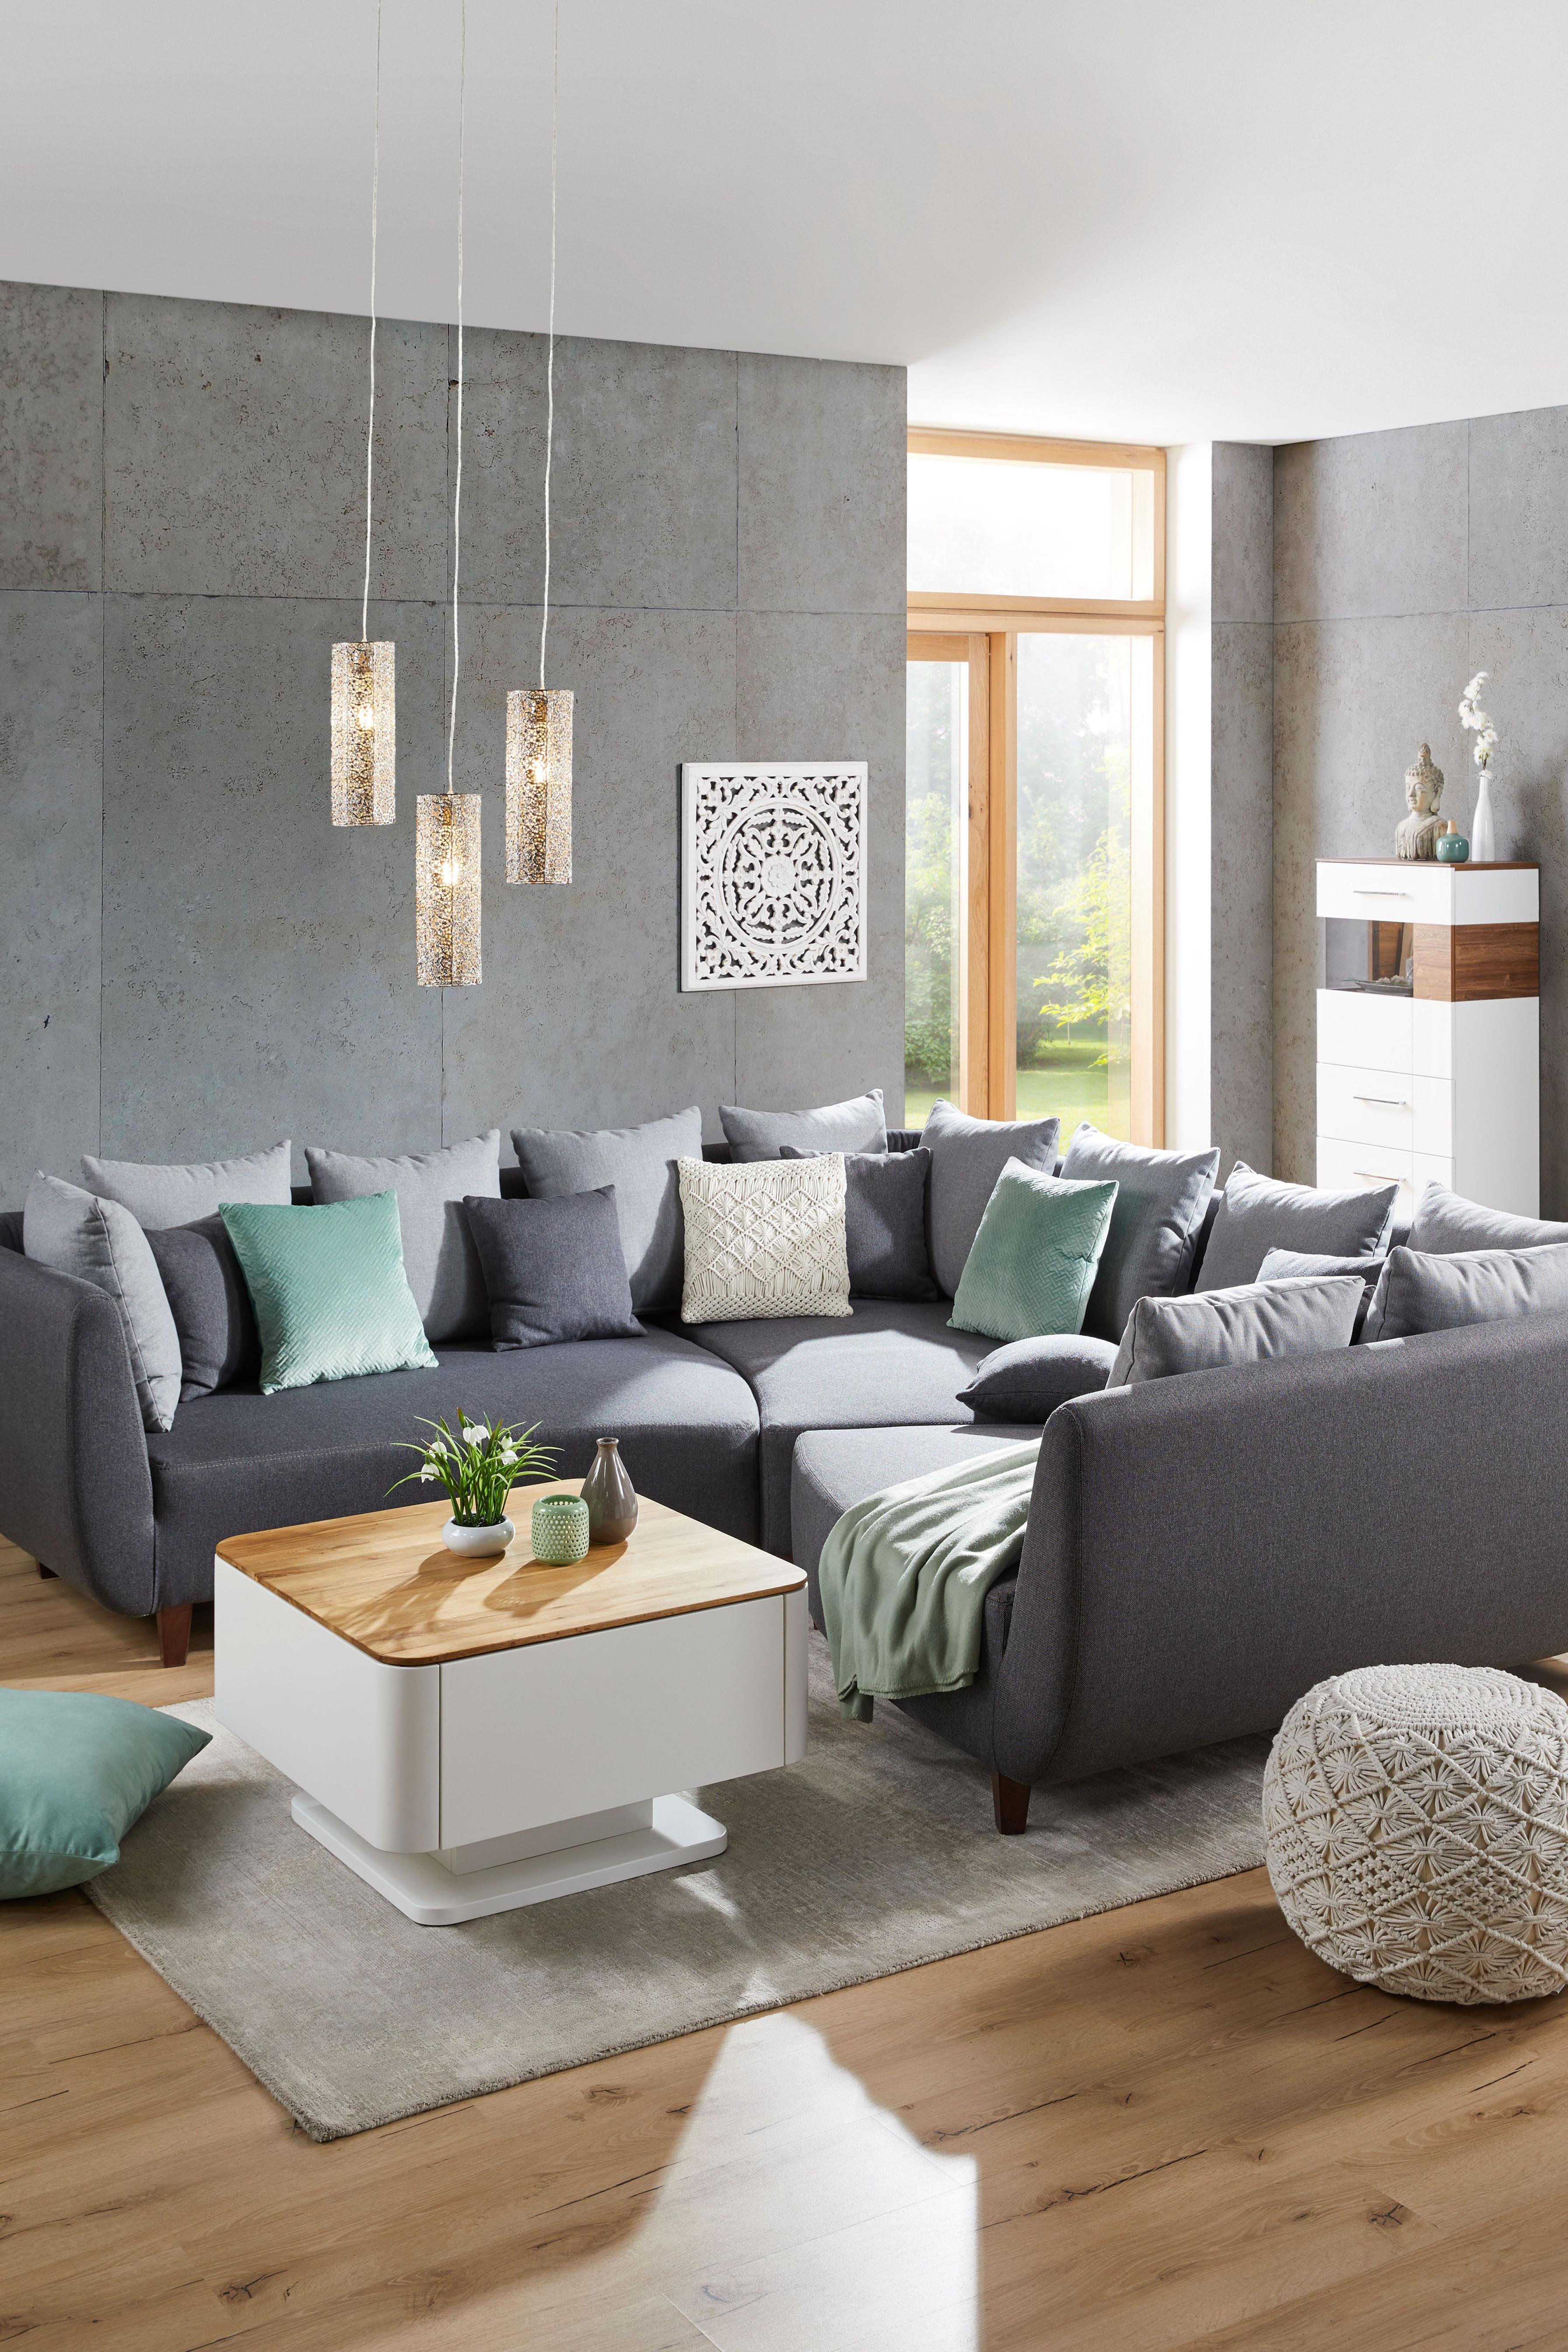 Sofaelement In Grau  Wohnzimmer Ideen Modern Graues Sofa von Wohnzimmer Sofa Ideen Photo